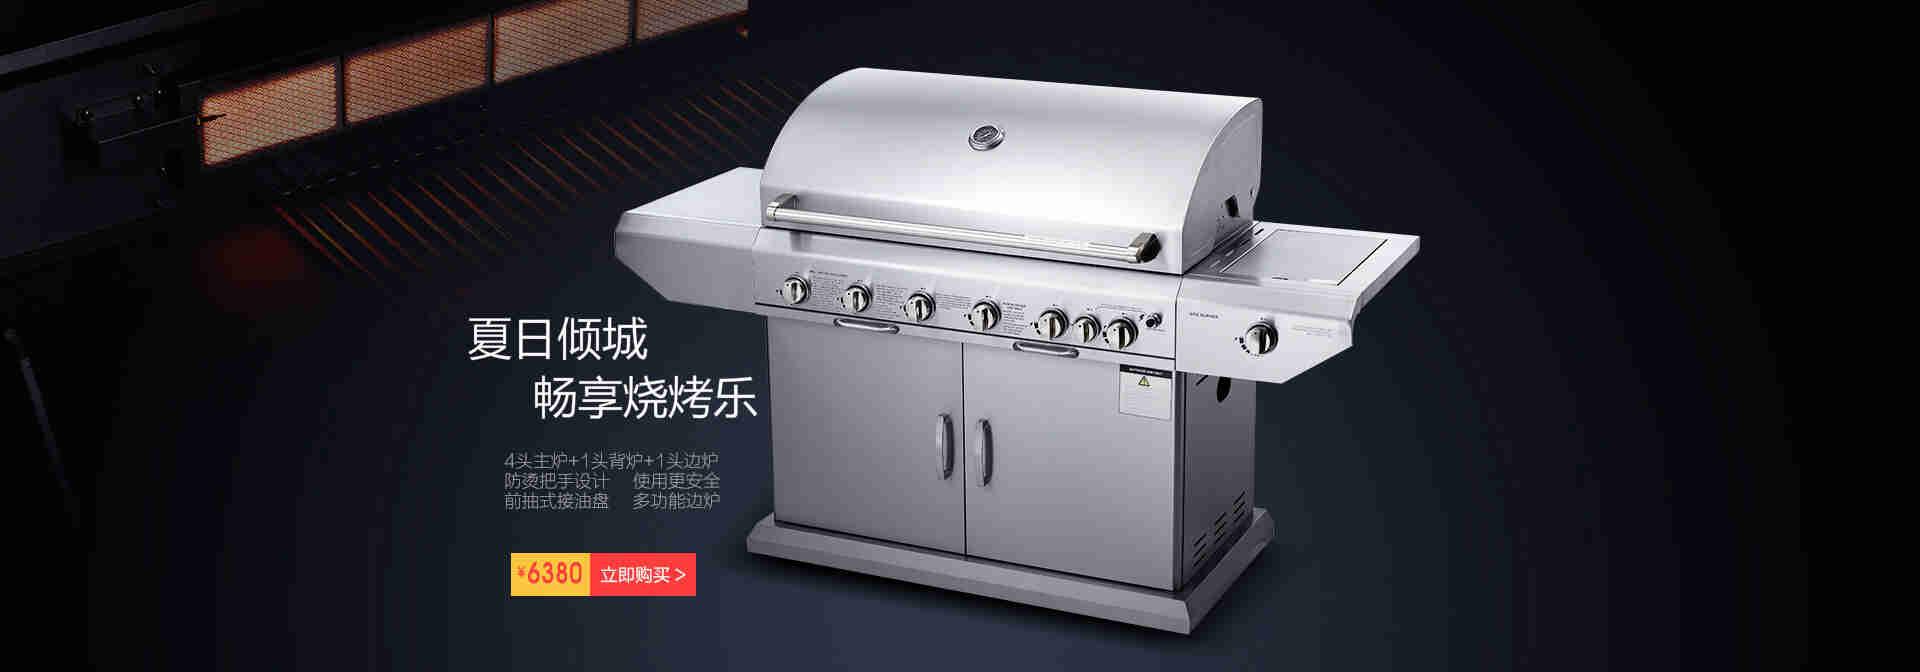 viking outdoor kitchen cabinet installation 波维乐户外旗舰店 - 京东